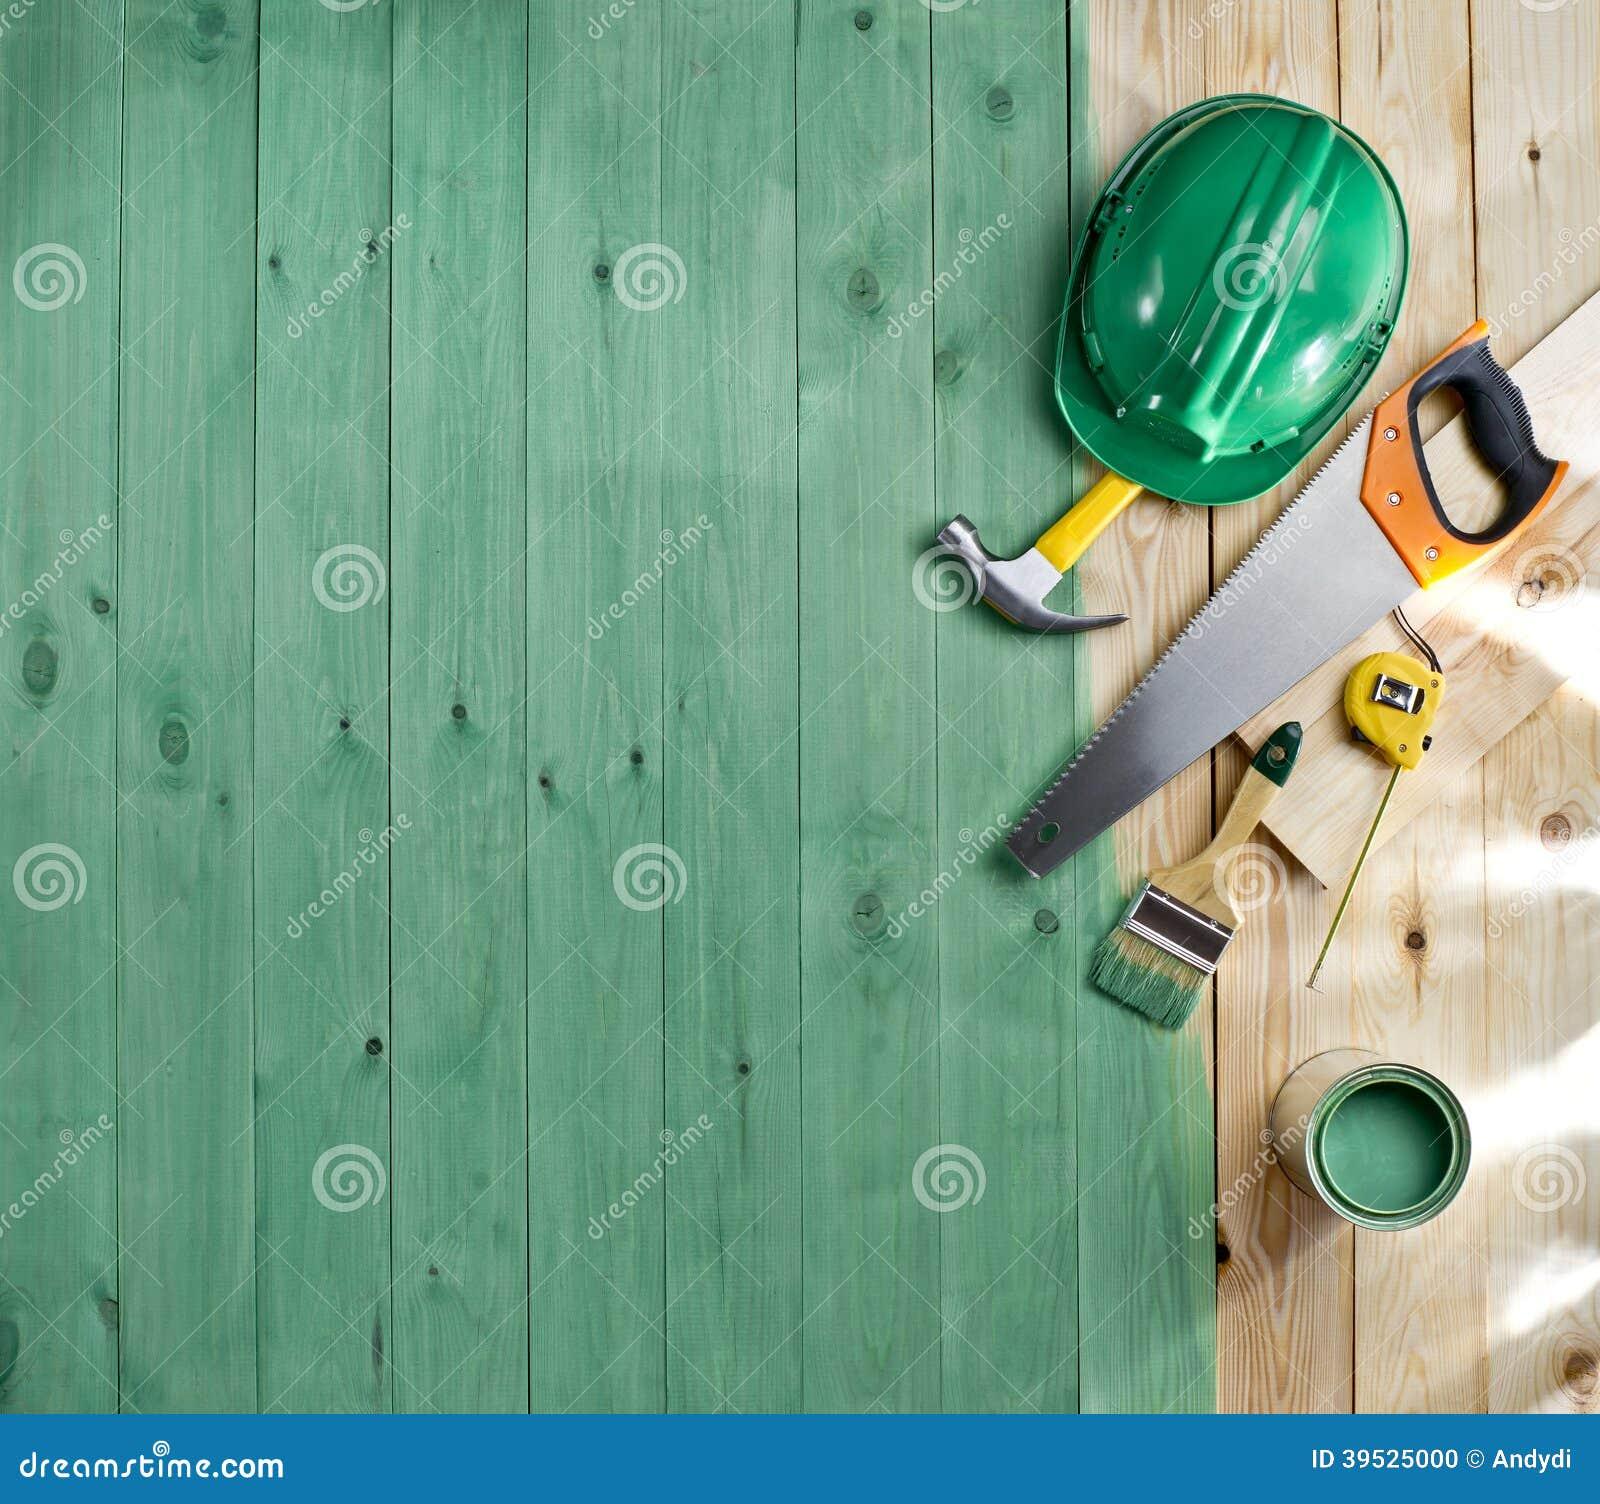 Groene houten vloer met een borstel een verf hulpmiddelen en helm stock foto afbeelding - Verf een ingang en een gang ...